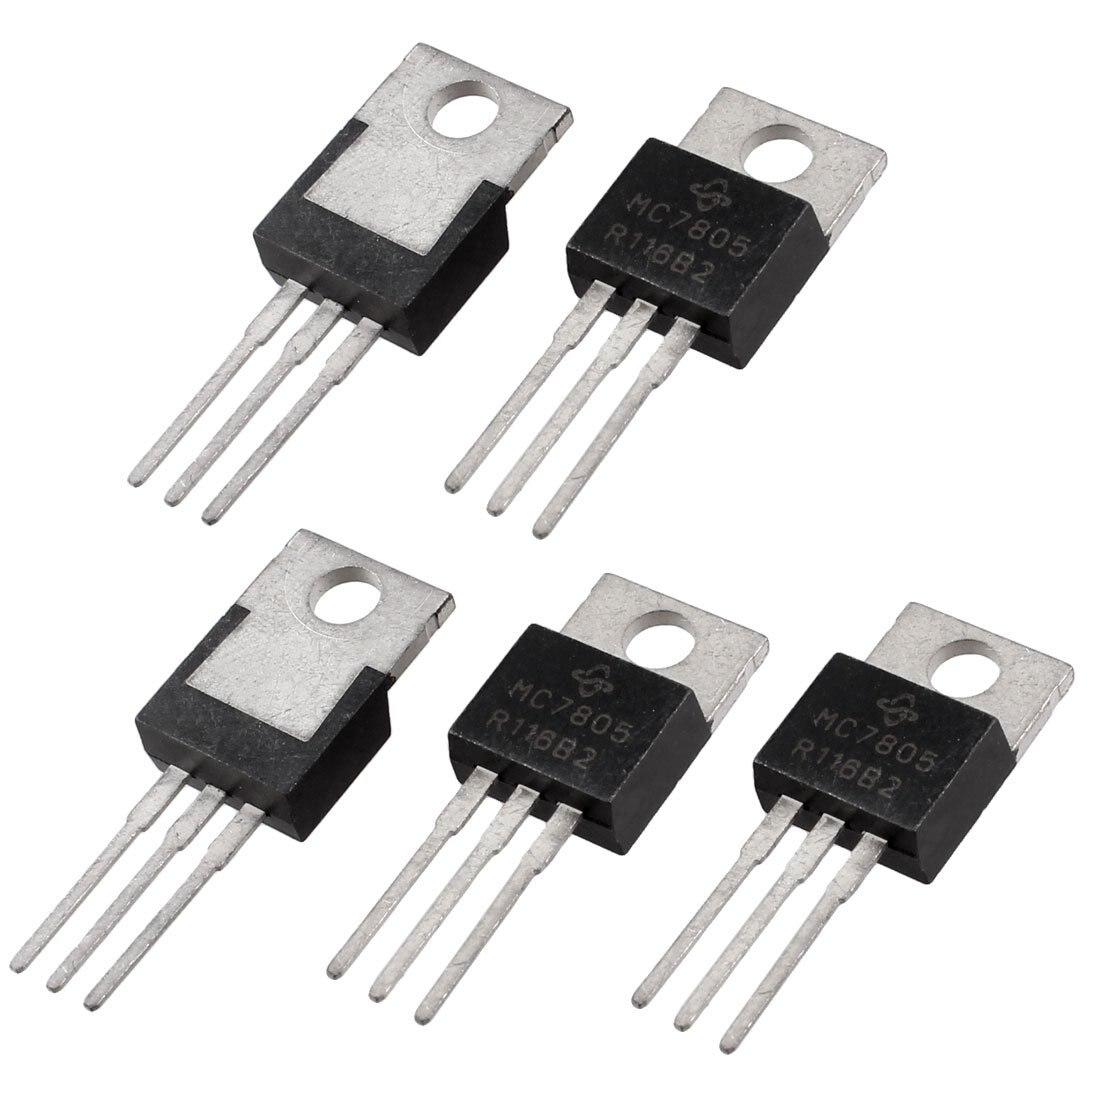 5 Pcs 3 Terminals 1.5A 5V L7805CV Postive Voltage Regulators Voltage Regulators Stabilizers